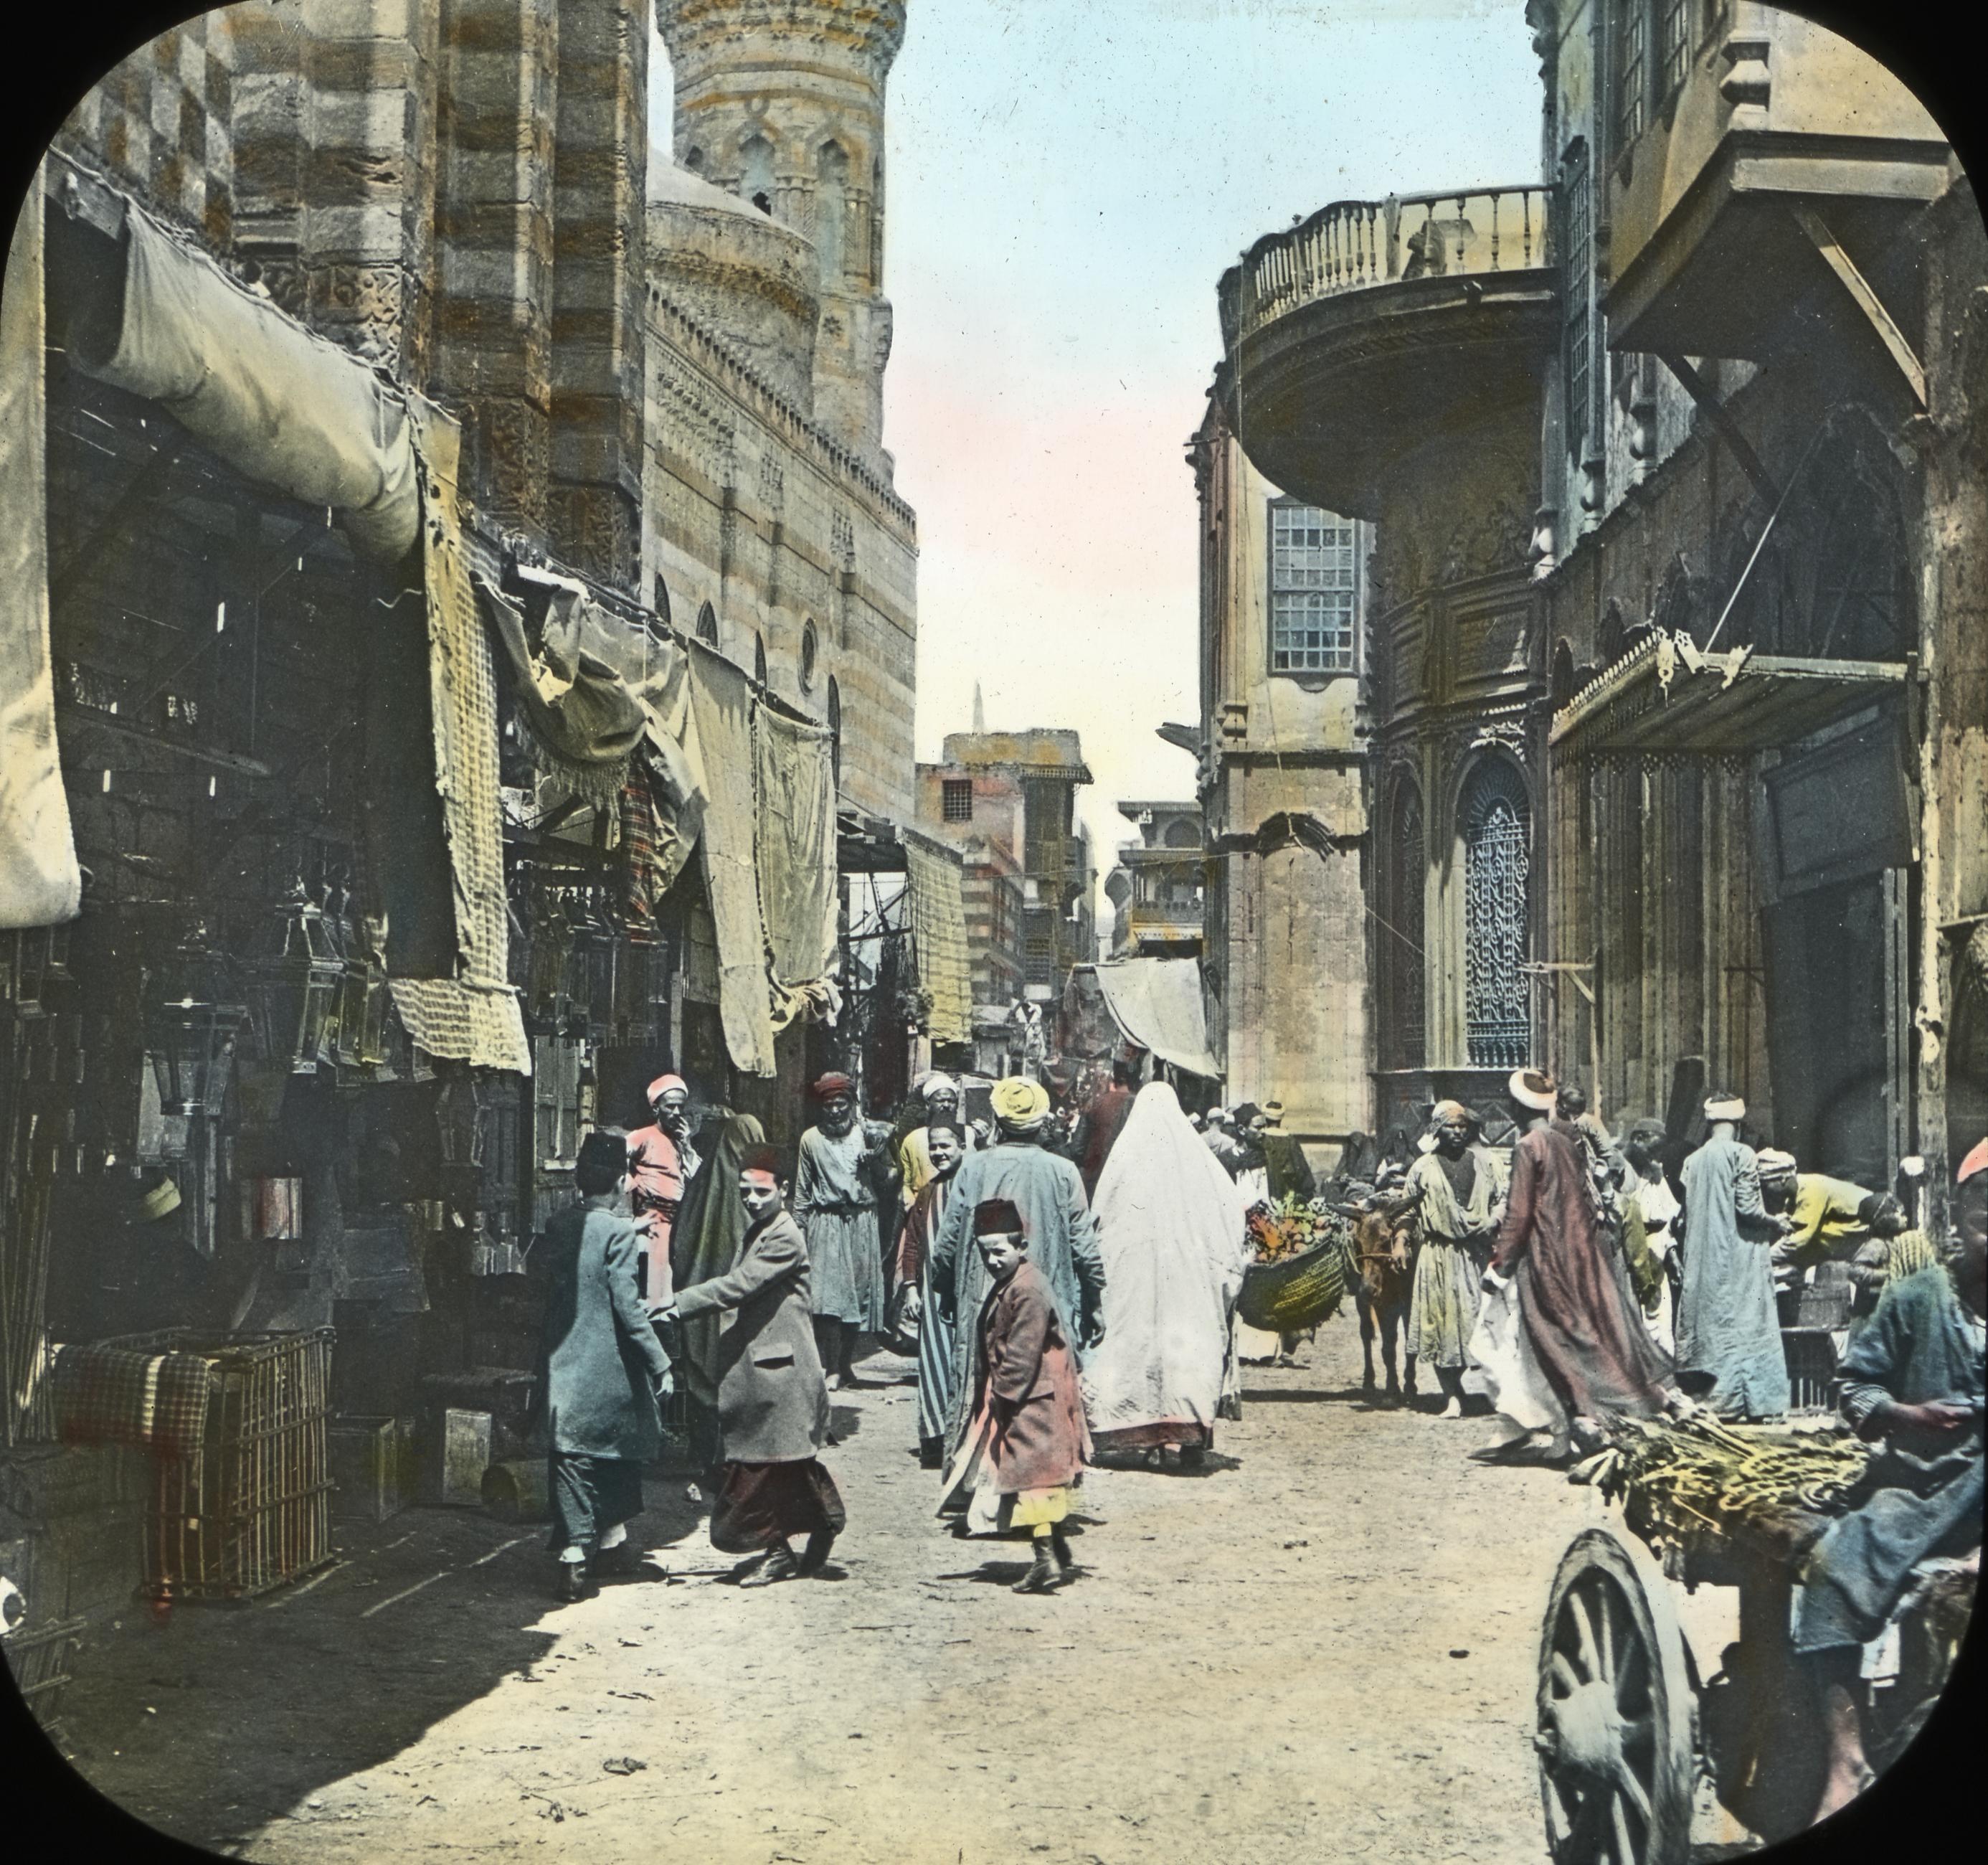 Egypt - Street in Native Quarter, Cairo